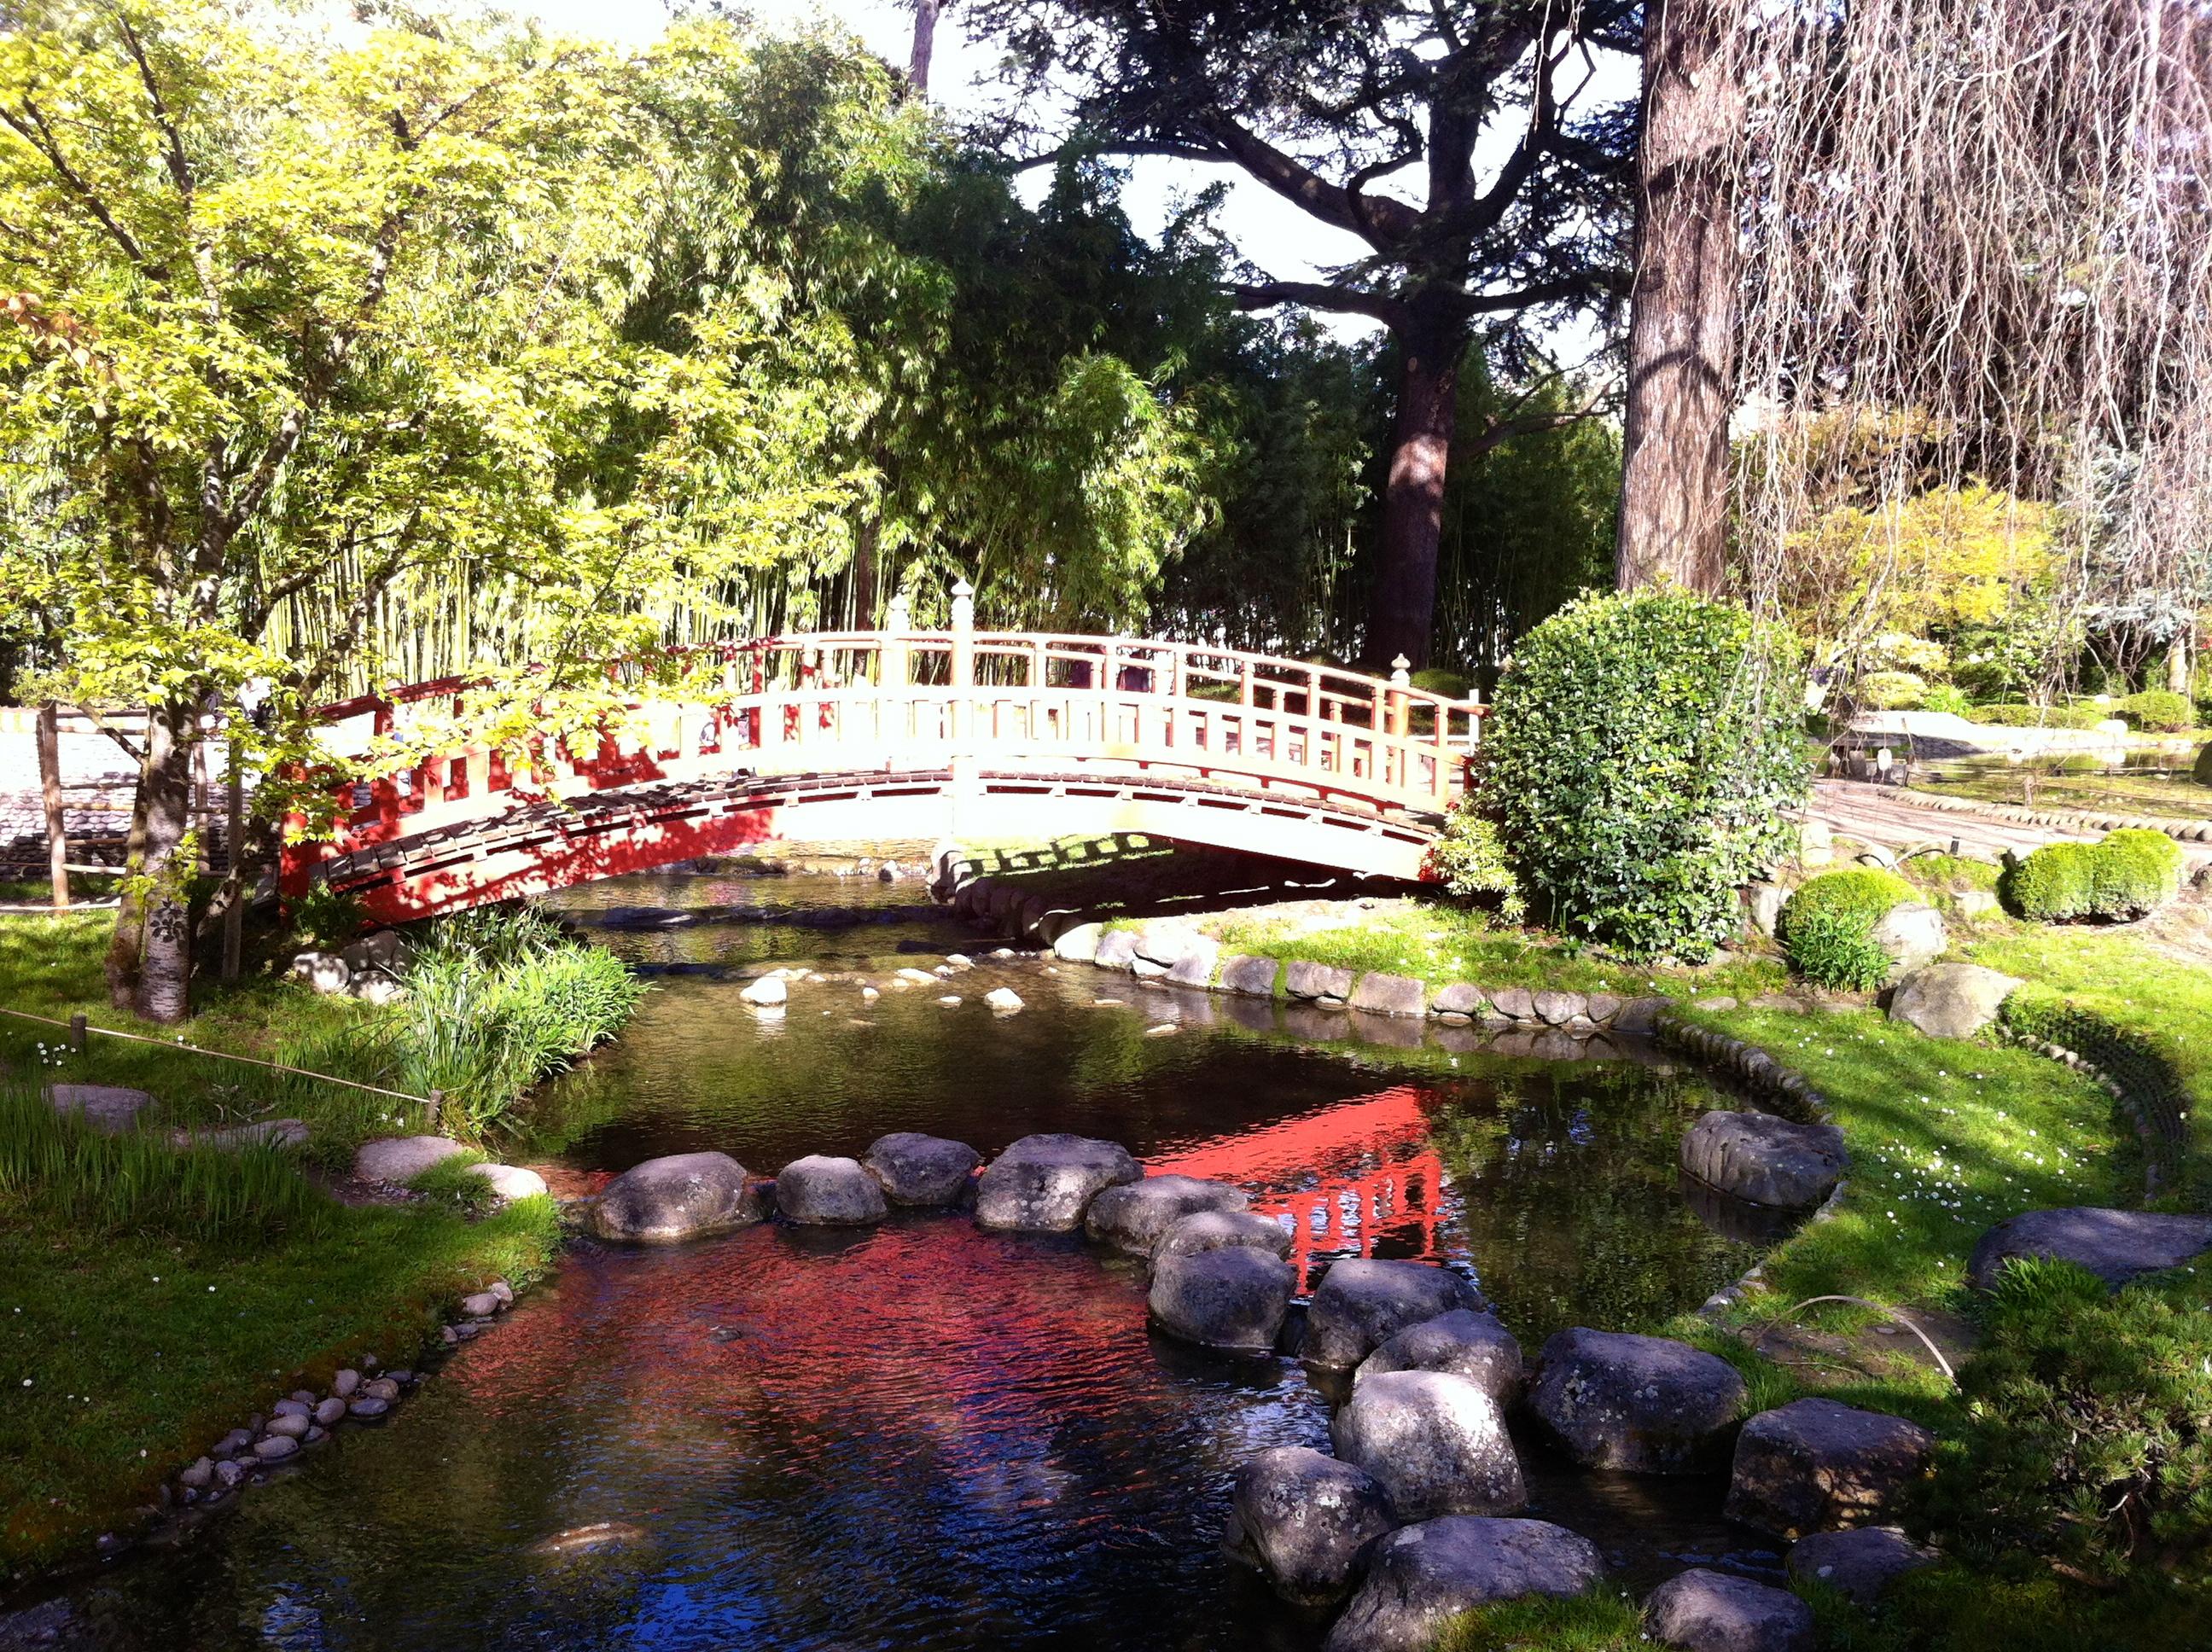 Le jardin albert kahn un voyage v g tal autour du monde for Le jardin kahn